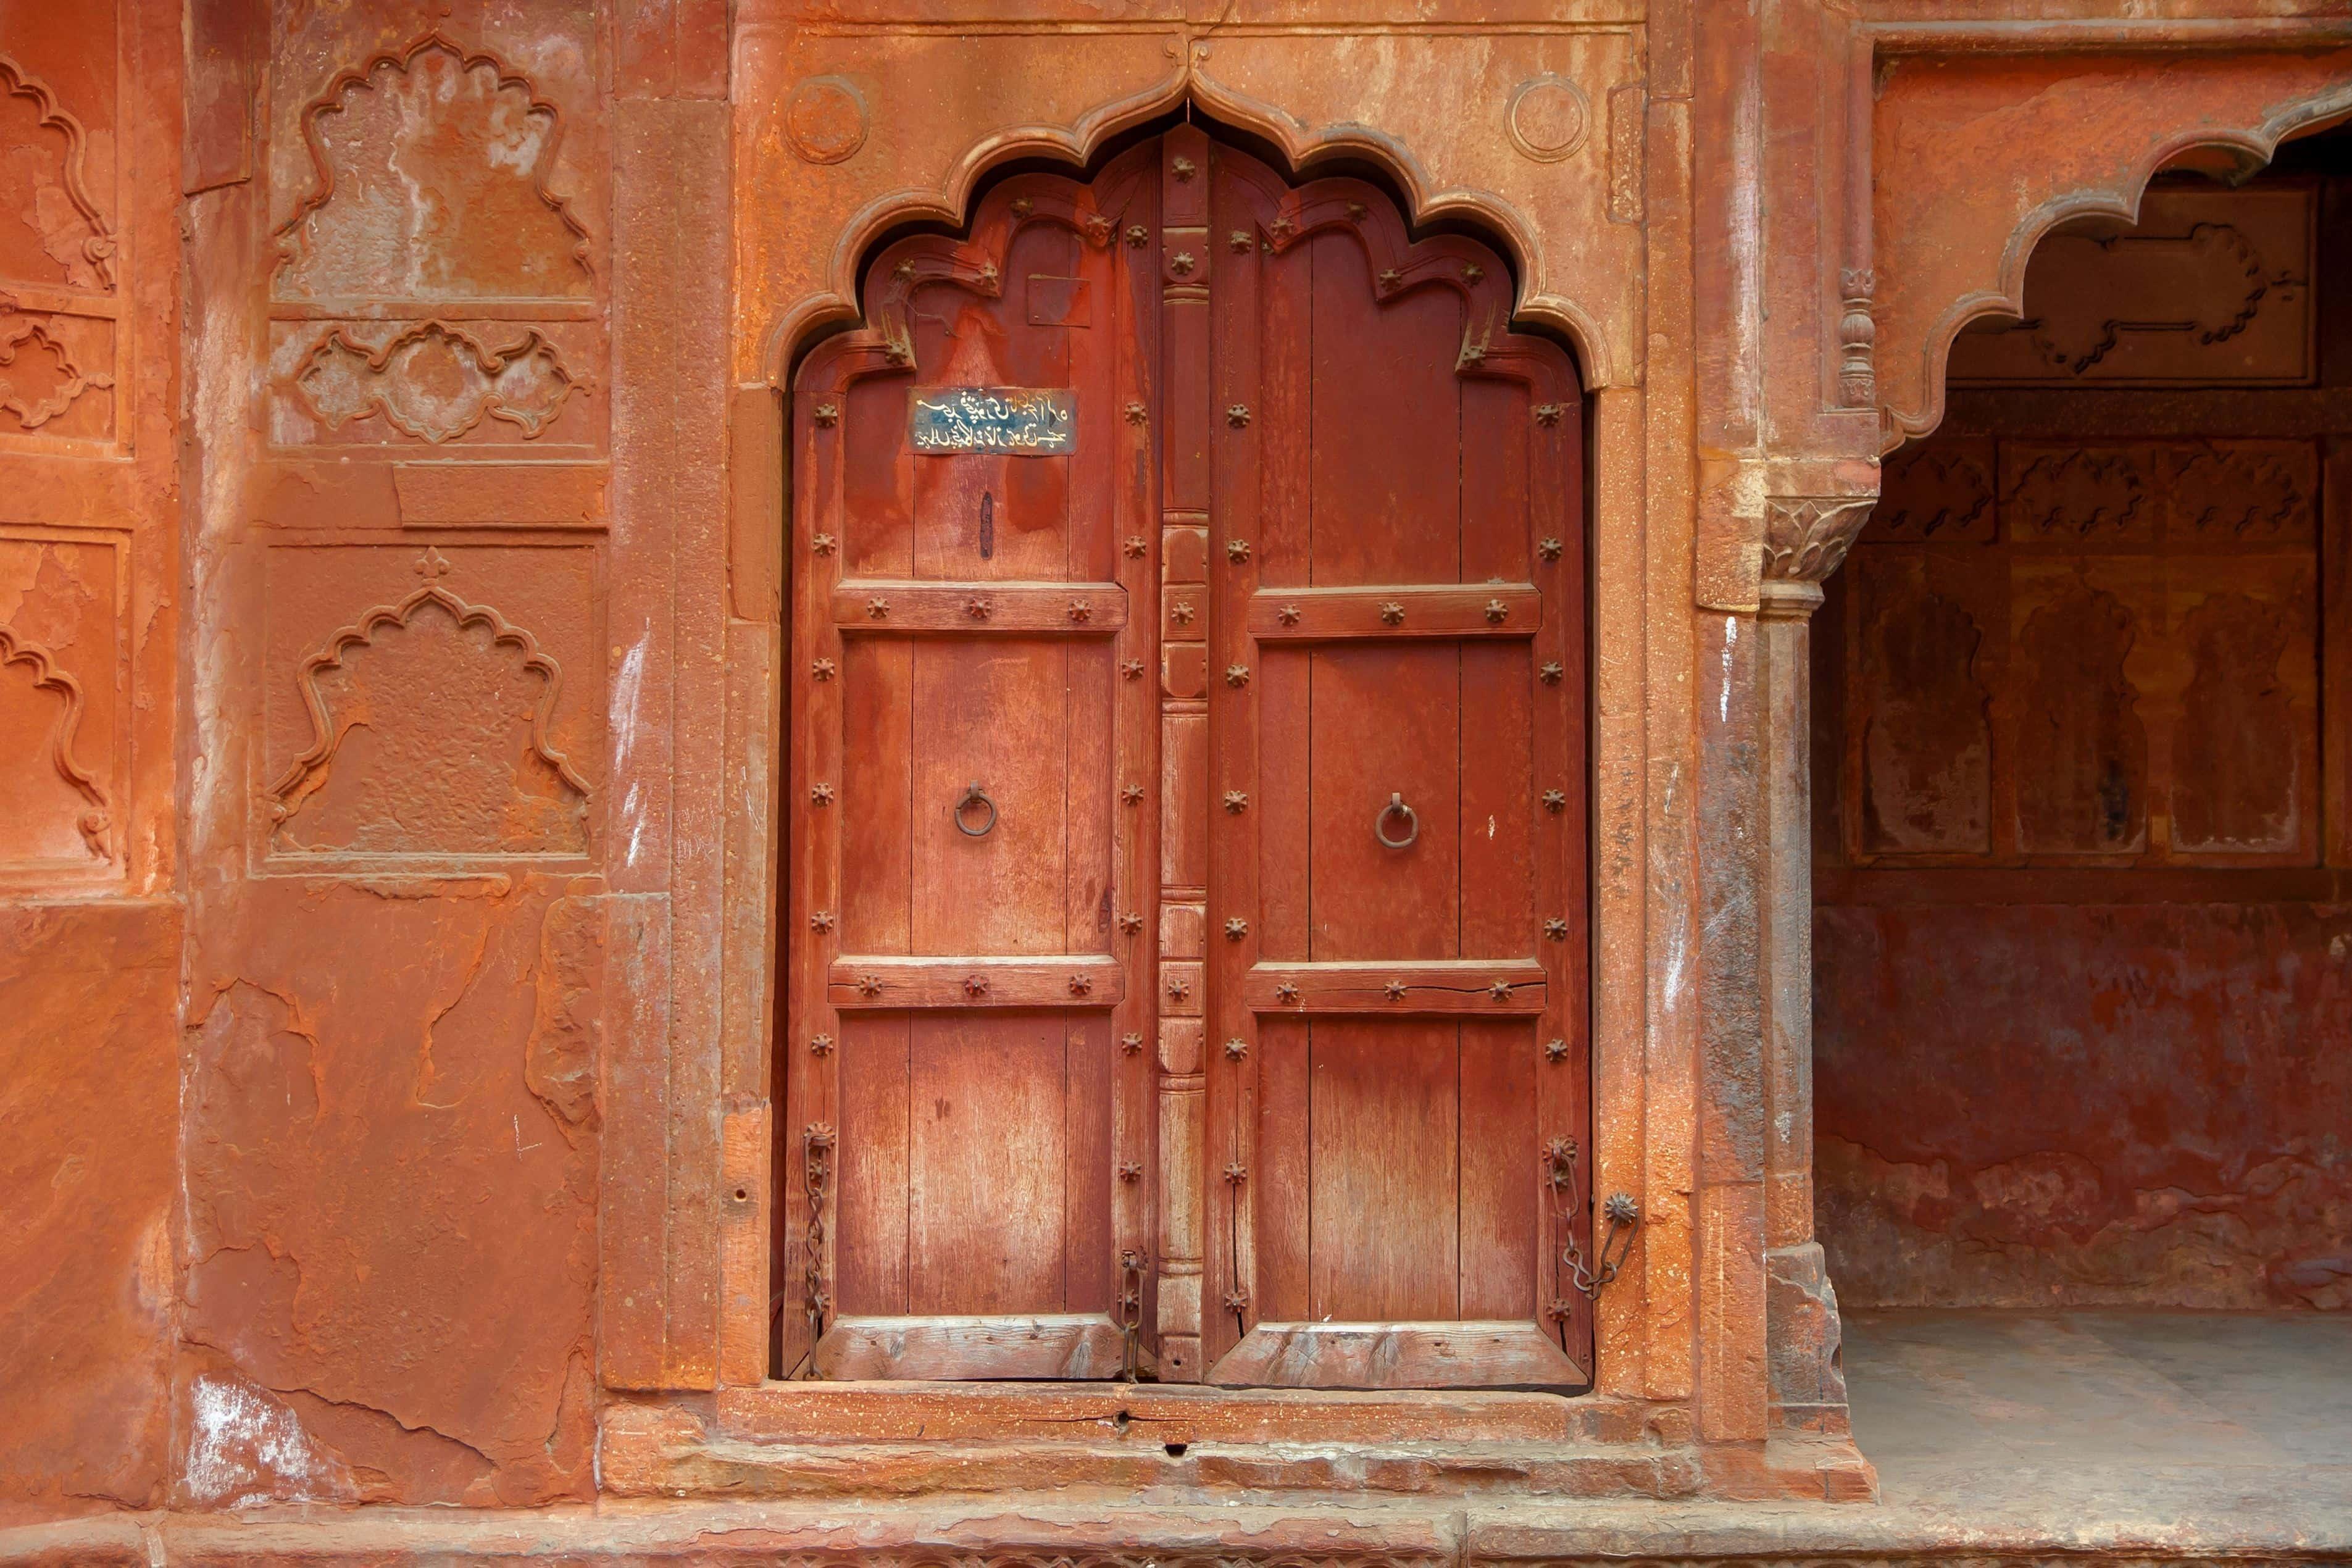 Imagen Gratis Casa Antiguo Arco Asia Arquitectura Puerta